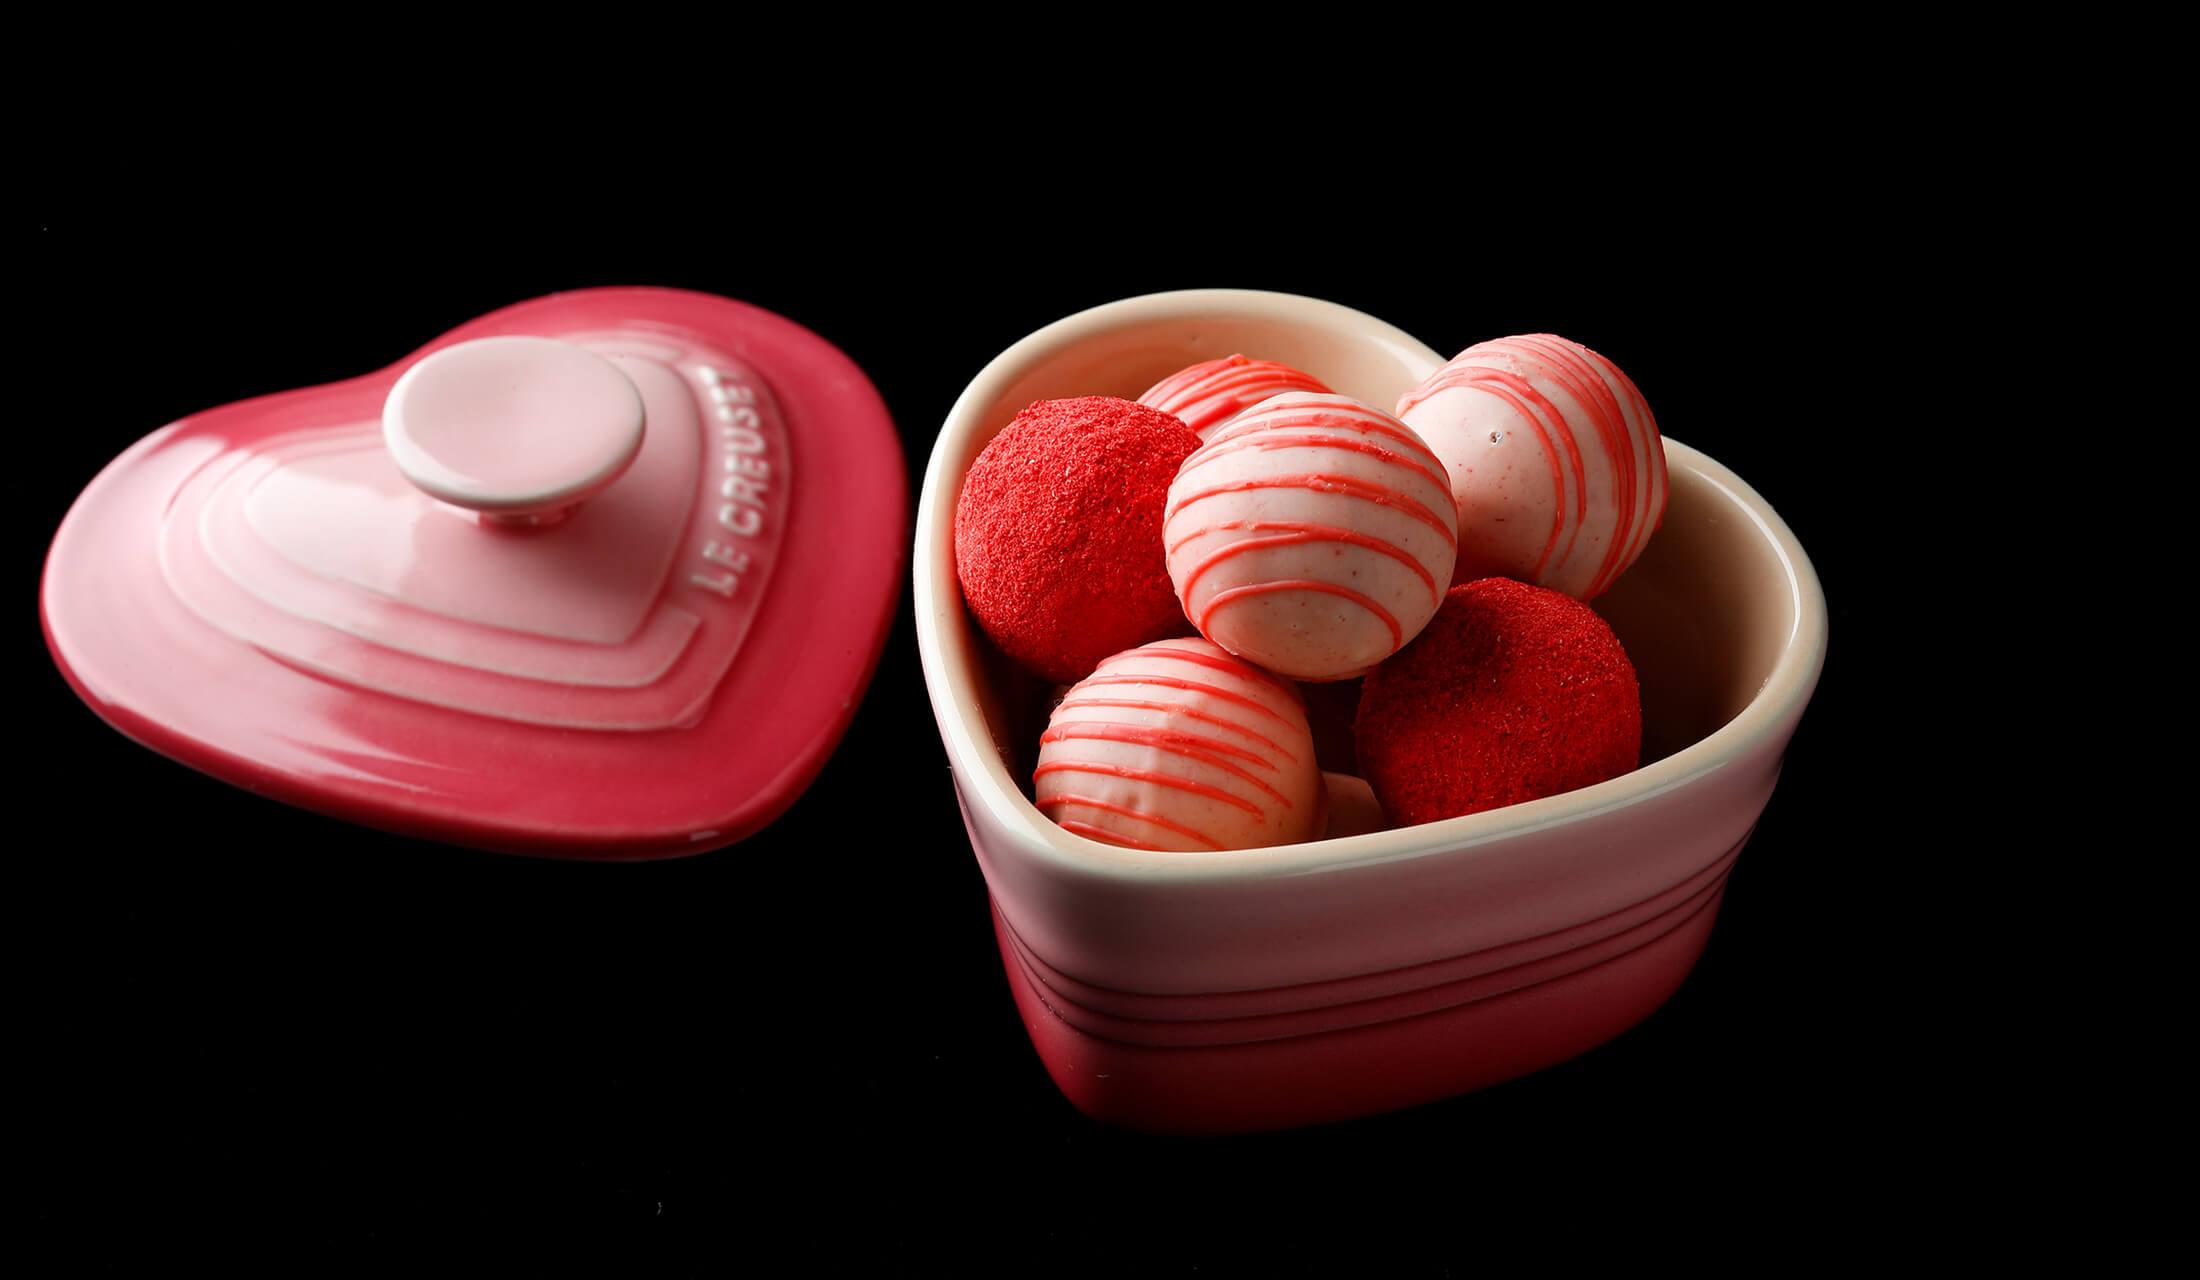 パレスホテル東京のル・クルーゼのハート型の器入りバレンタインチョコレート「クール」